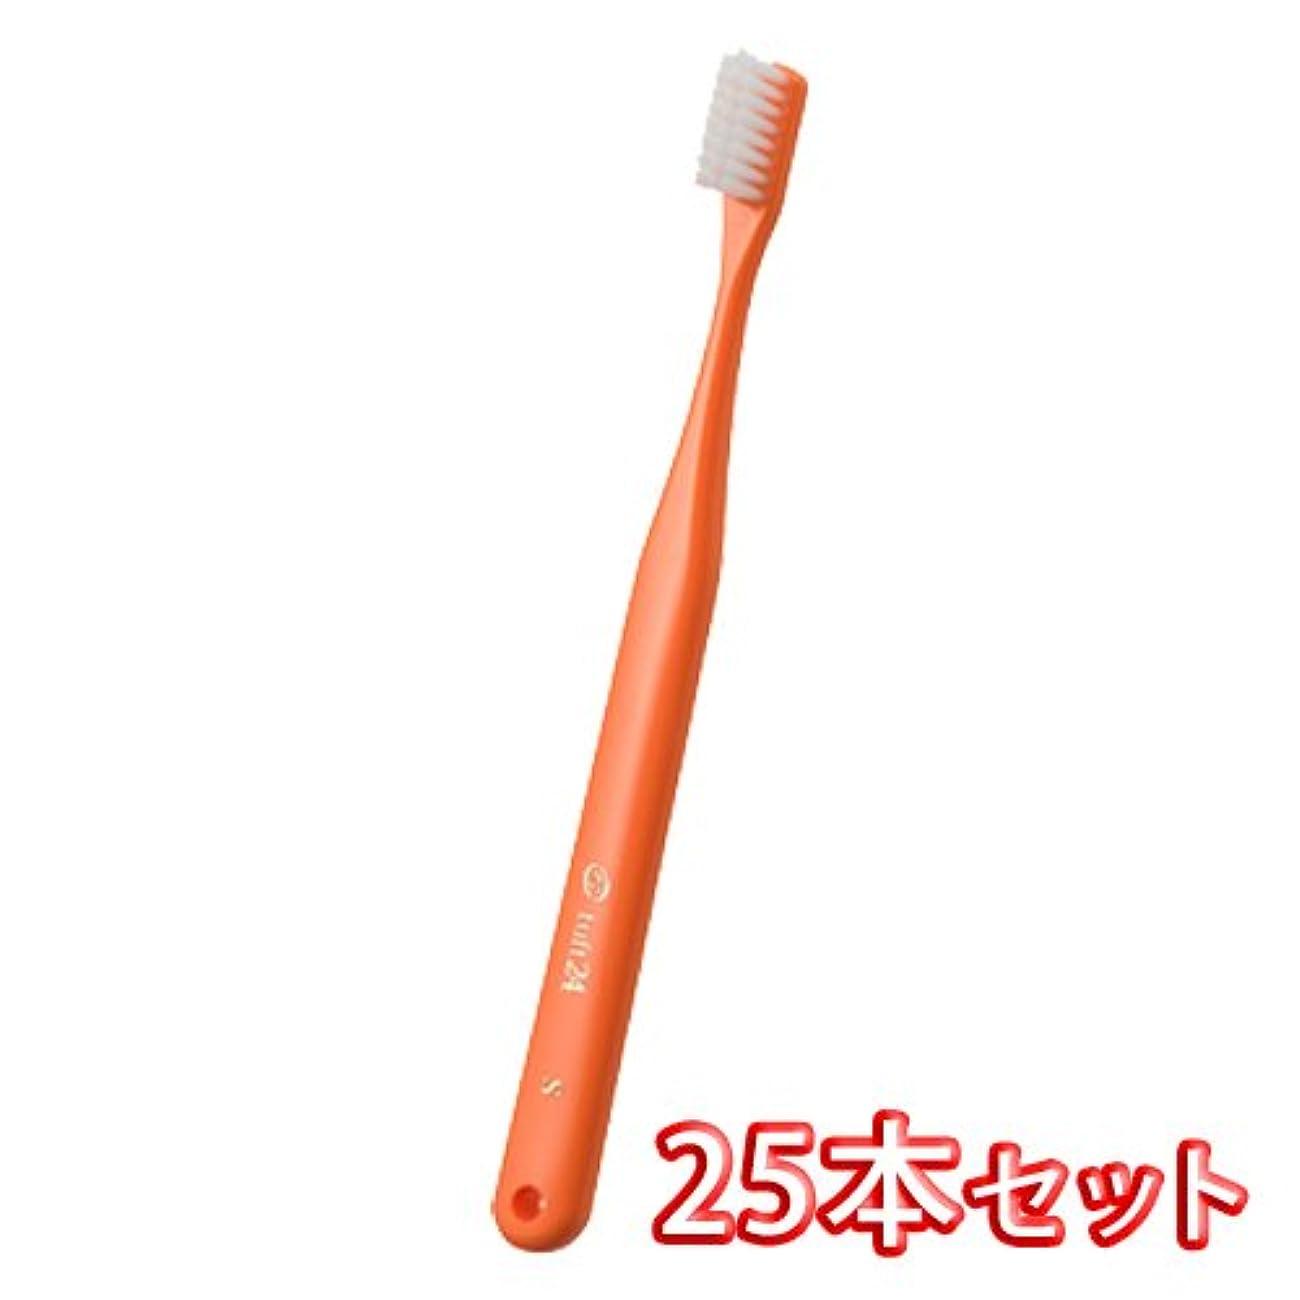 ルネッサンスアーカイブホットオーラルケア キャップ付き タフト 24 歯ブラシ 25本入 ミディアムソフト MS (オレンジ)